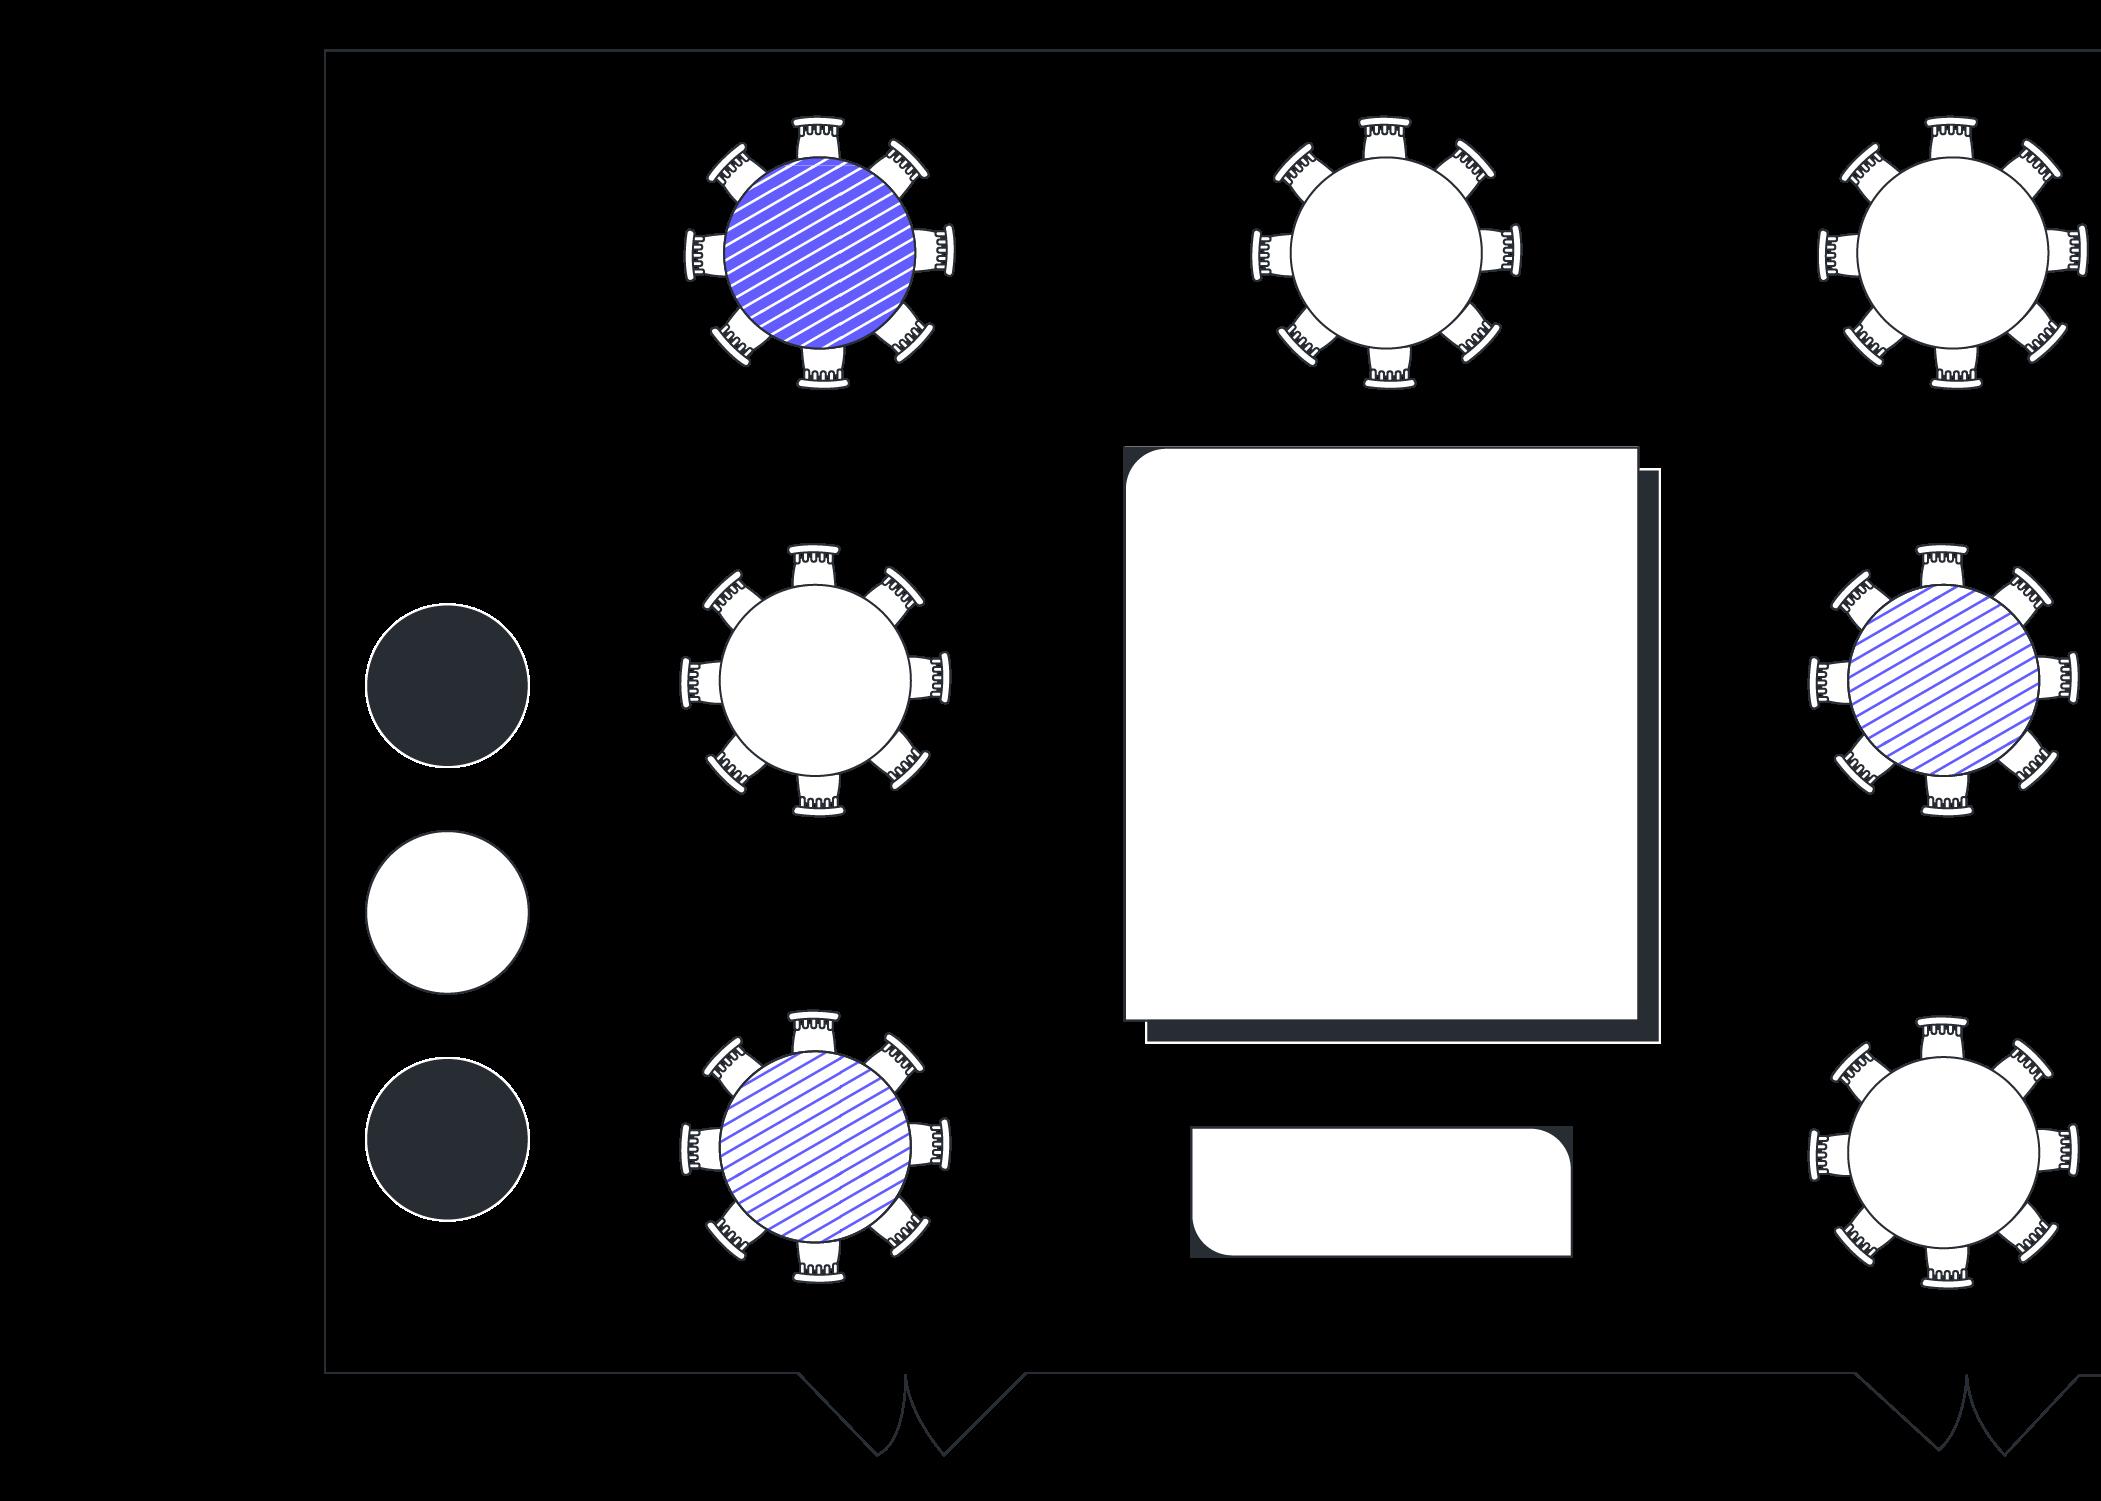 lucidchart floor plan software